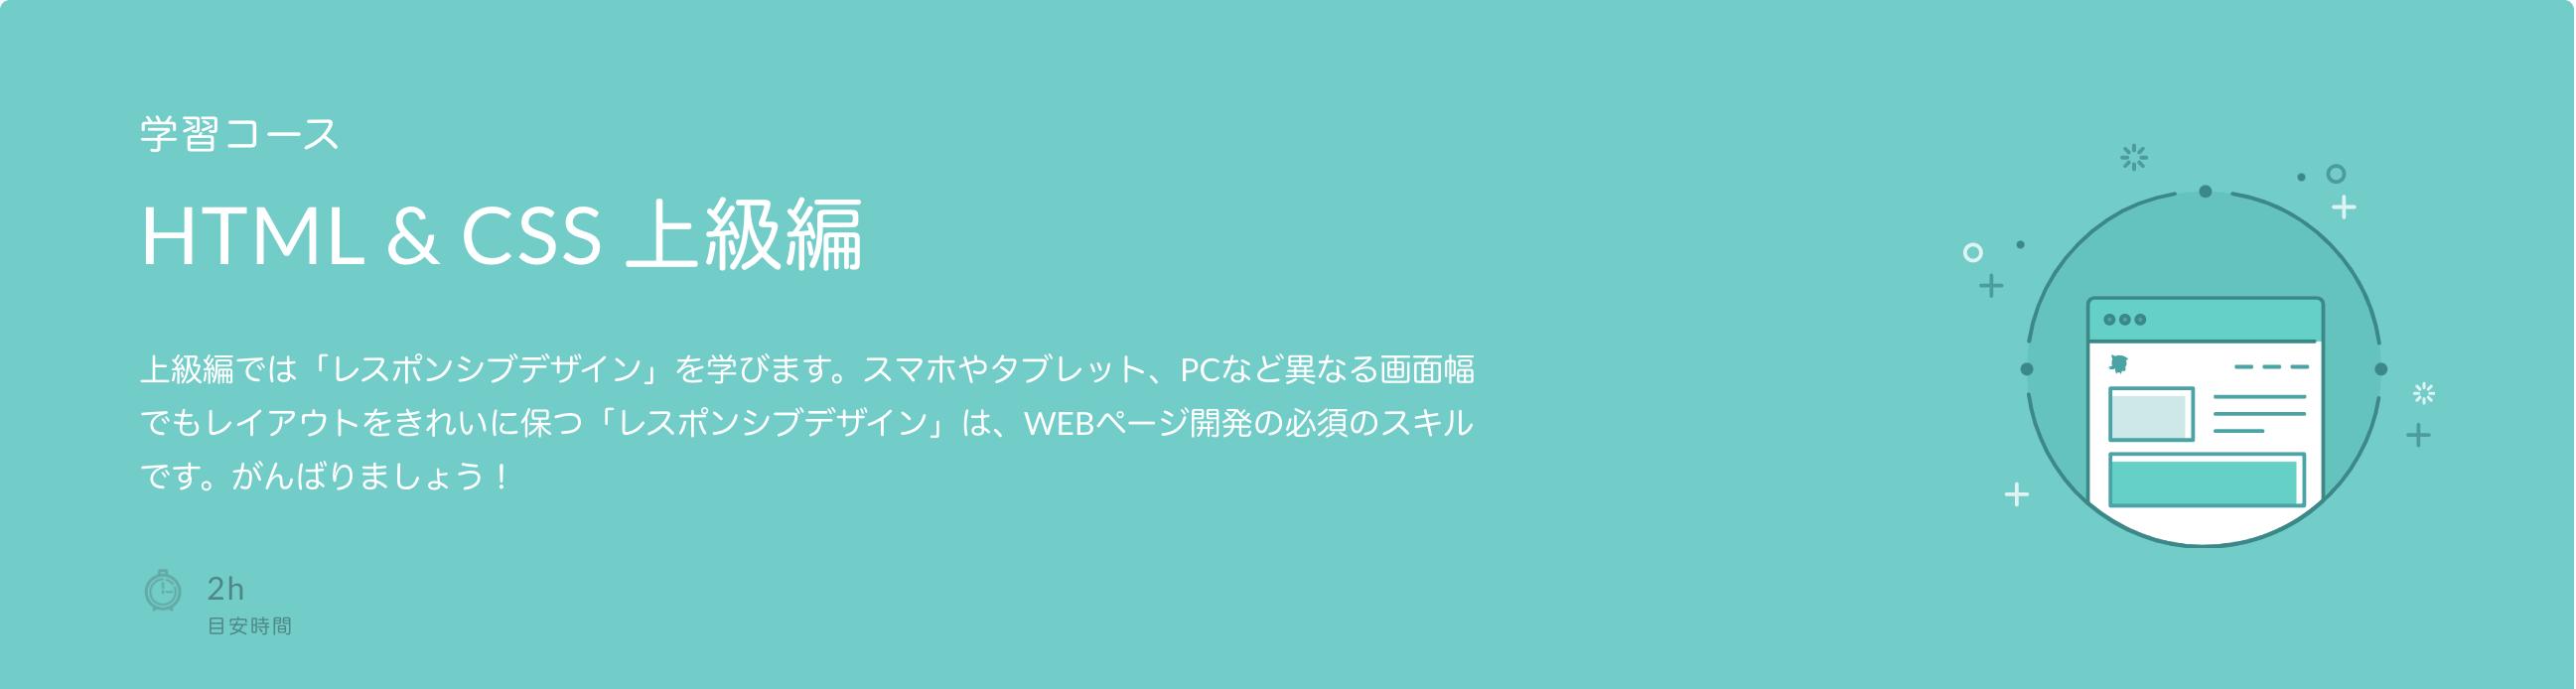 スクリーンショット-2021-07-27-13.51.51